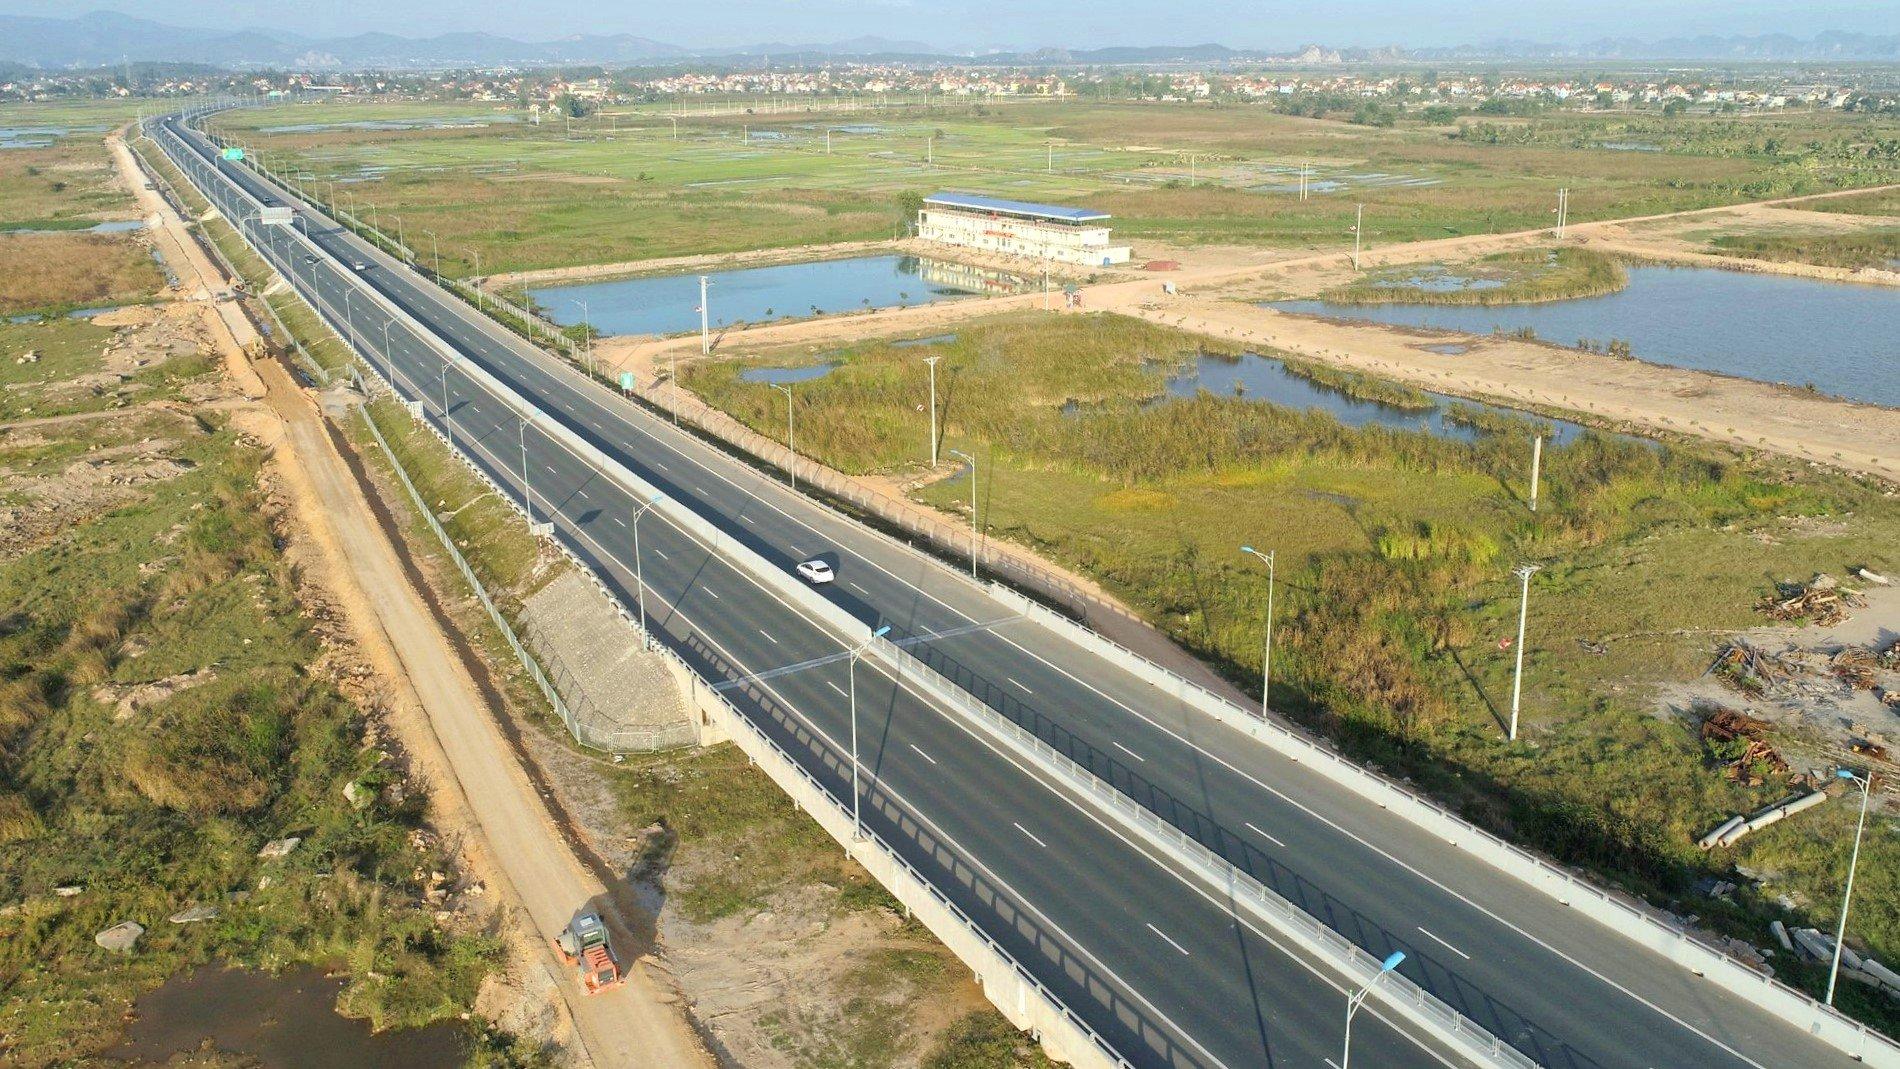 Quảng Ninh dự kiến hoàn thành mặt bằng cho dự án 10 tỷ USD vào cuối năm - Ảnh 1.